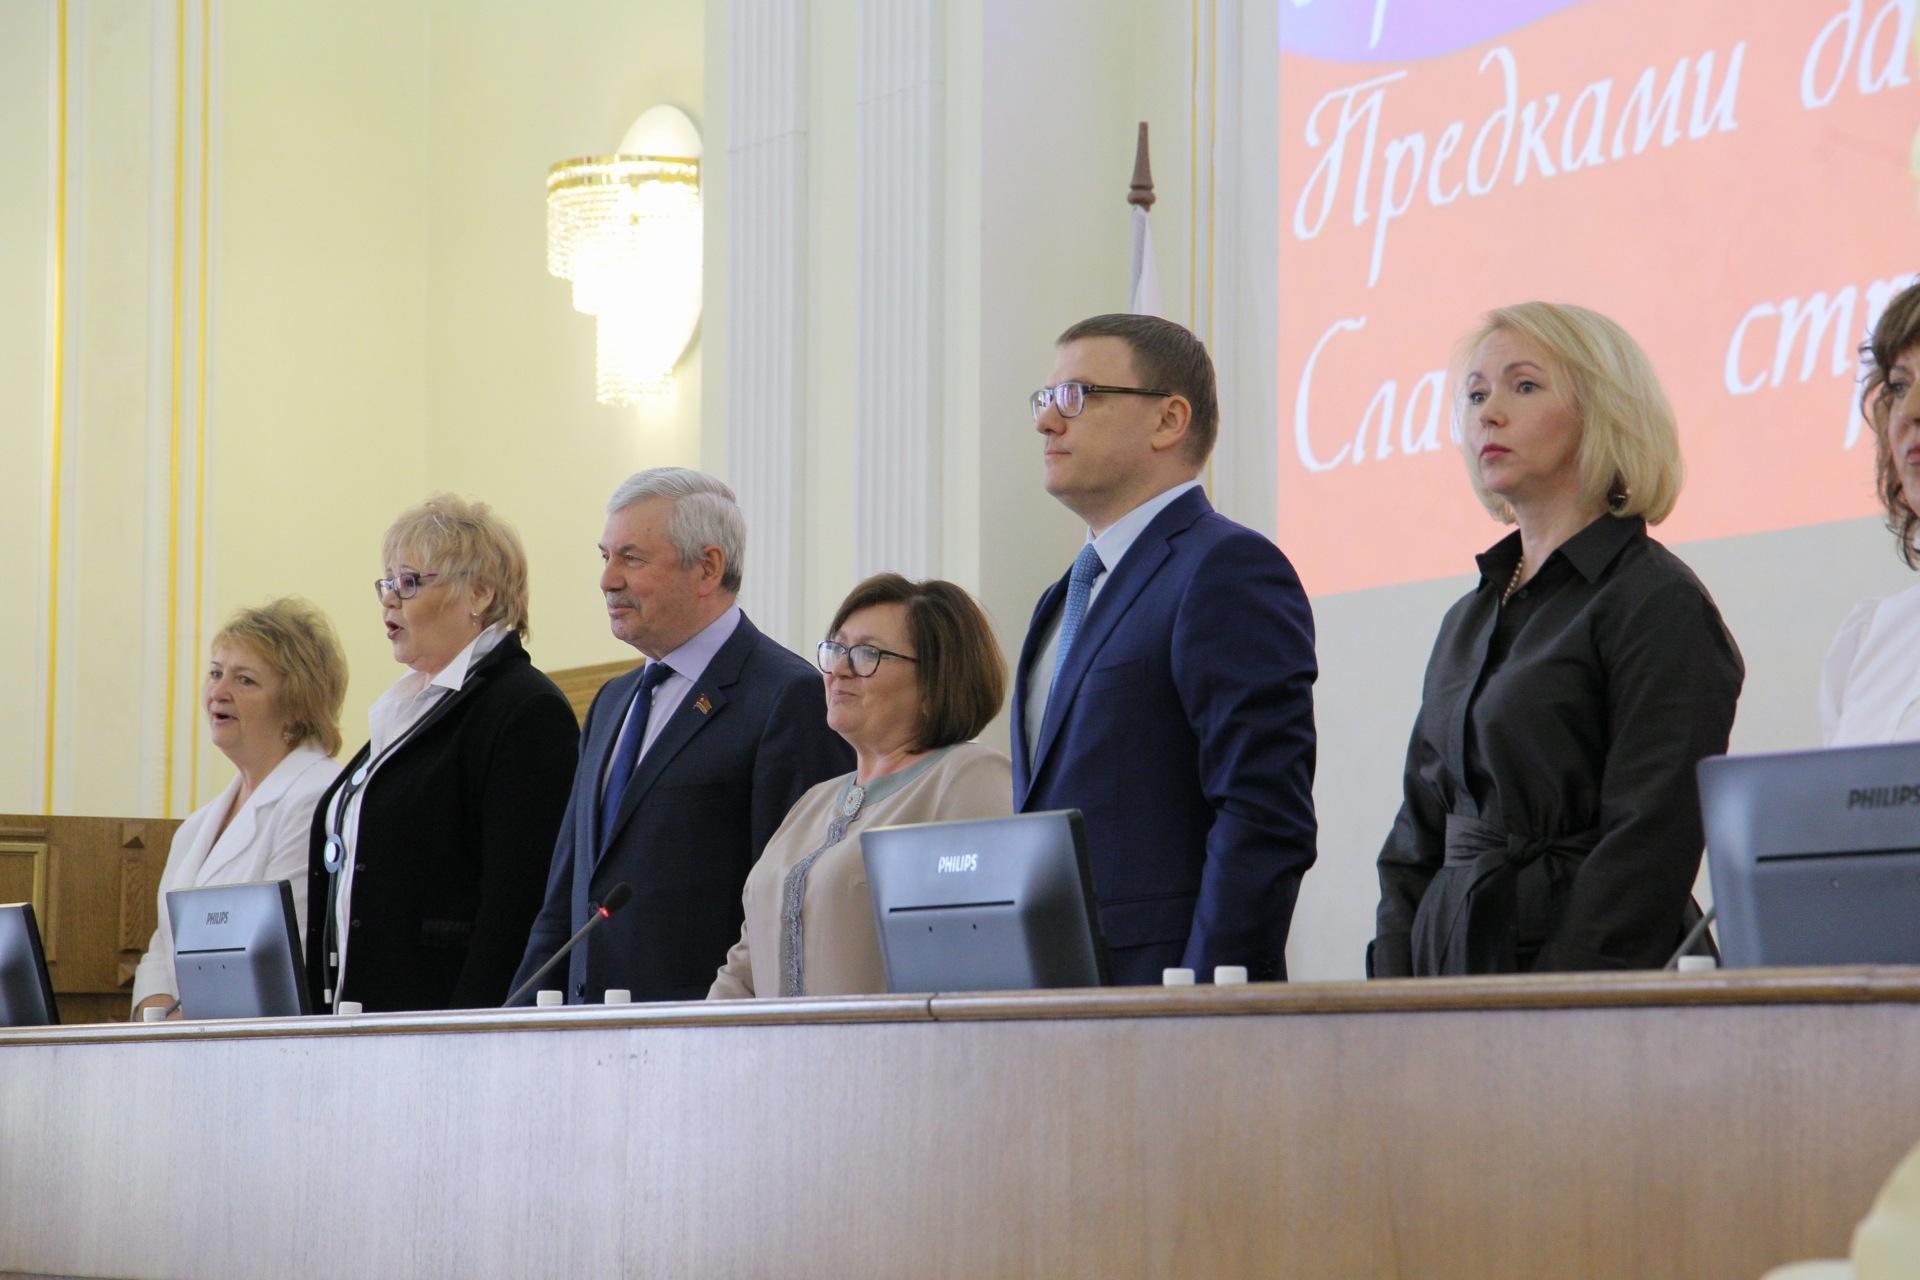 Председатель Законодательного СобранияЧелябинской области Владимир Мякуши врио